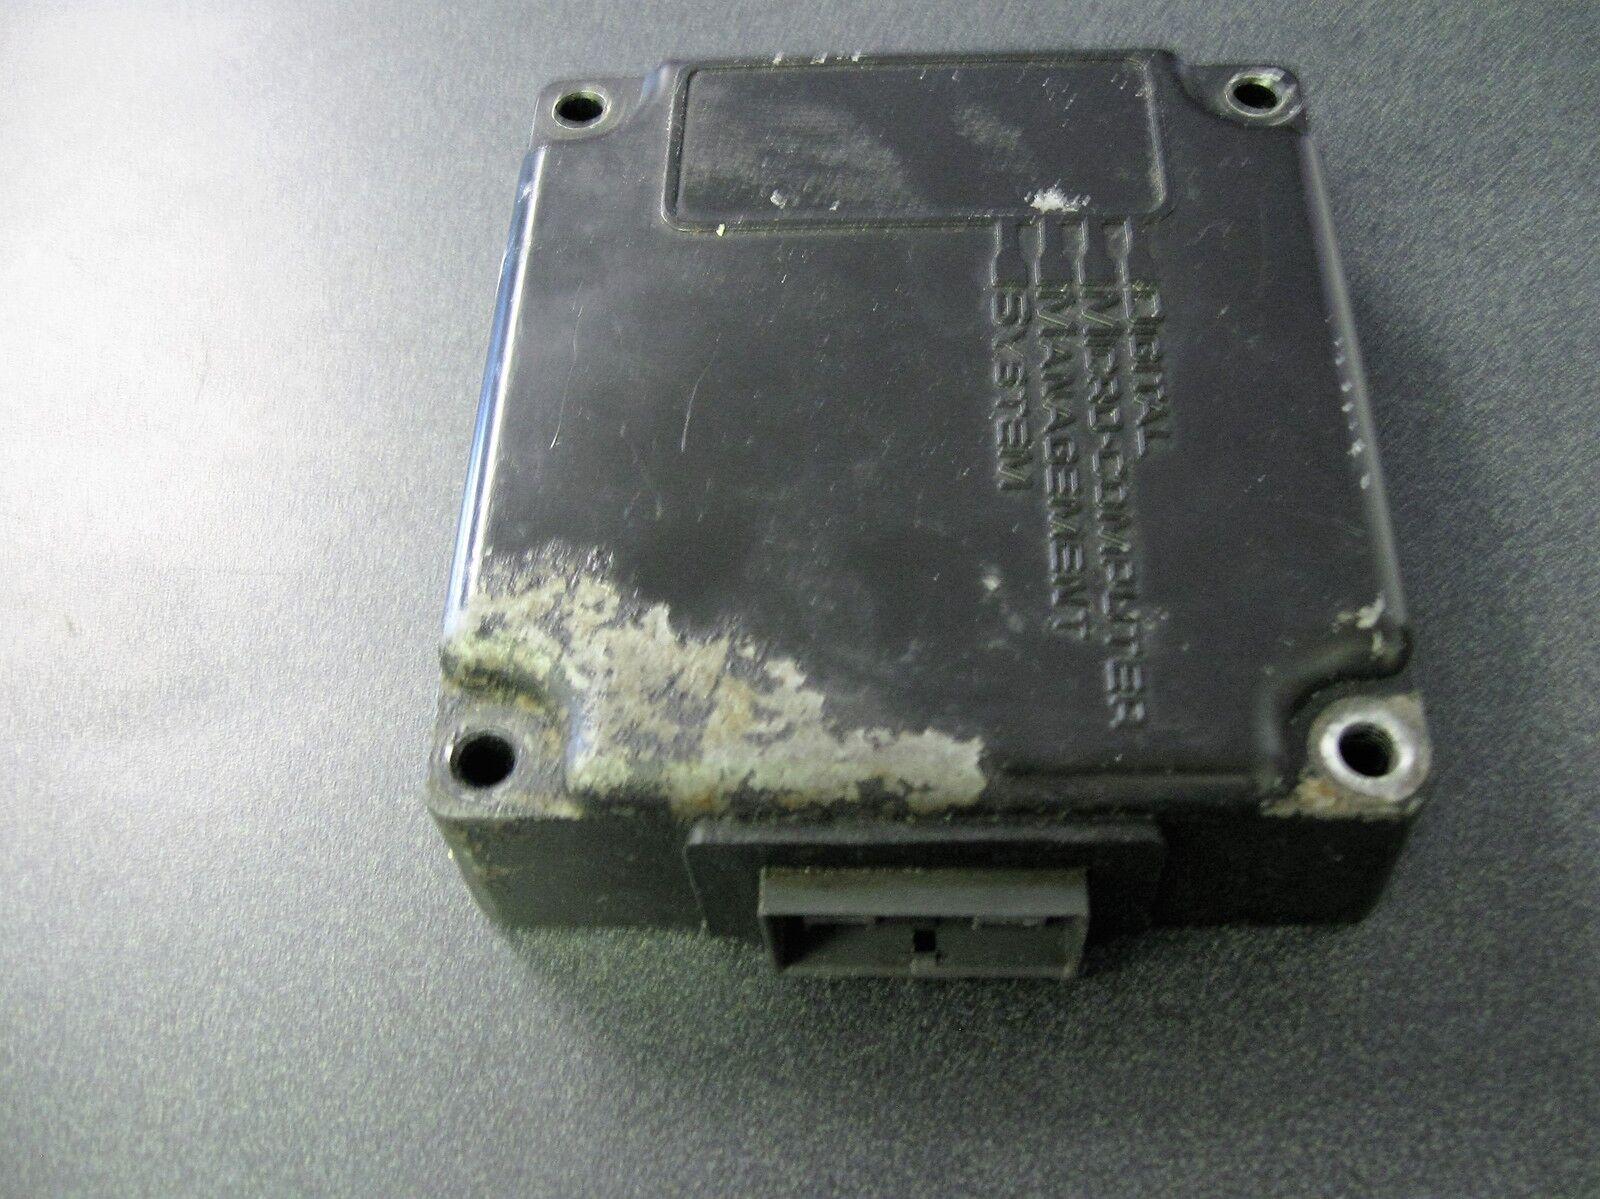 Mercury Außenbordmotor Steuereinheit 12 Montage Teilenummer 830046 12 Steuereinheit 2c65ce